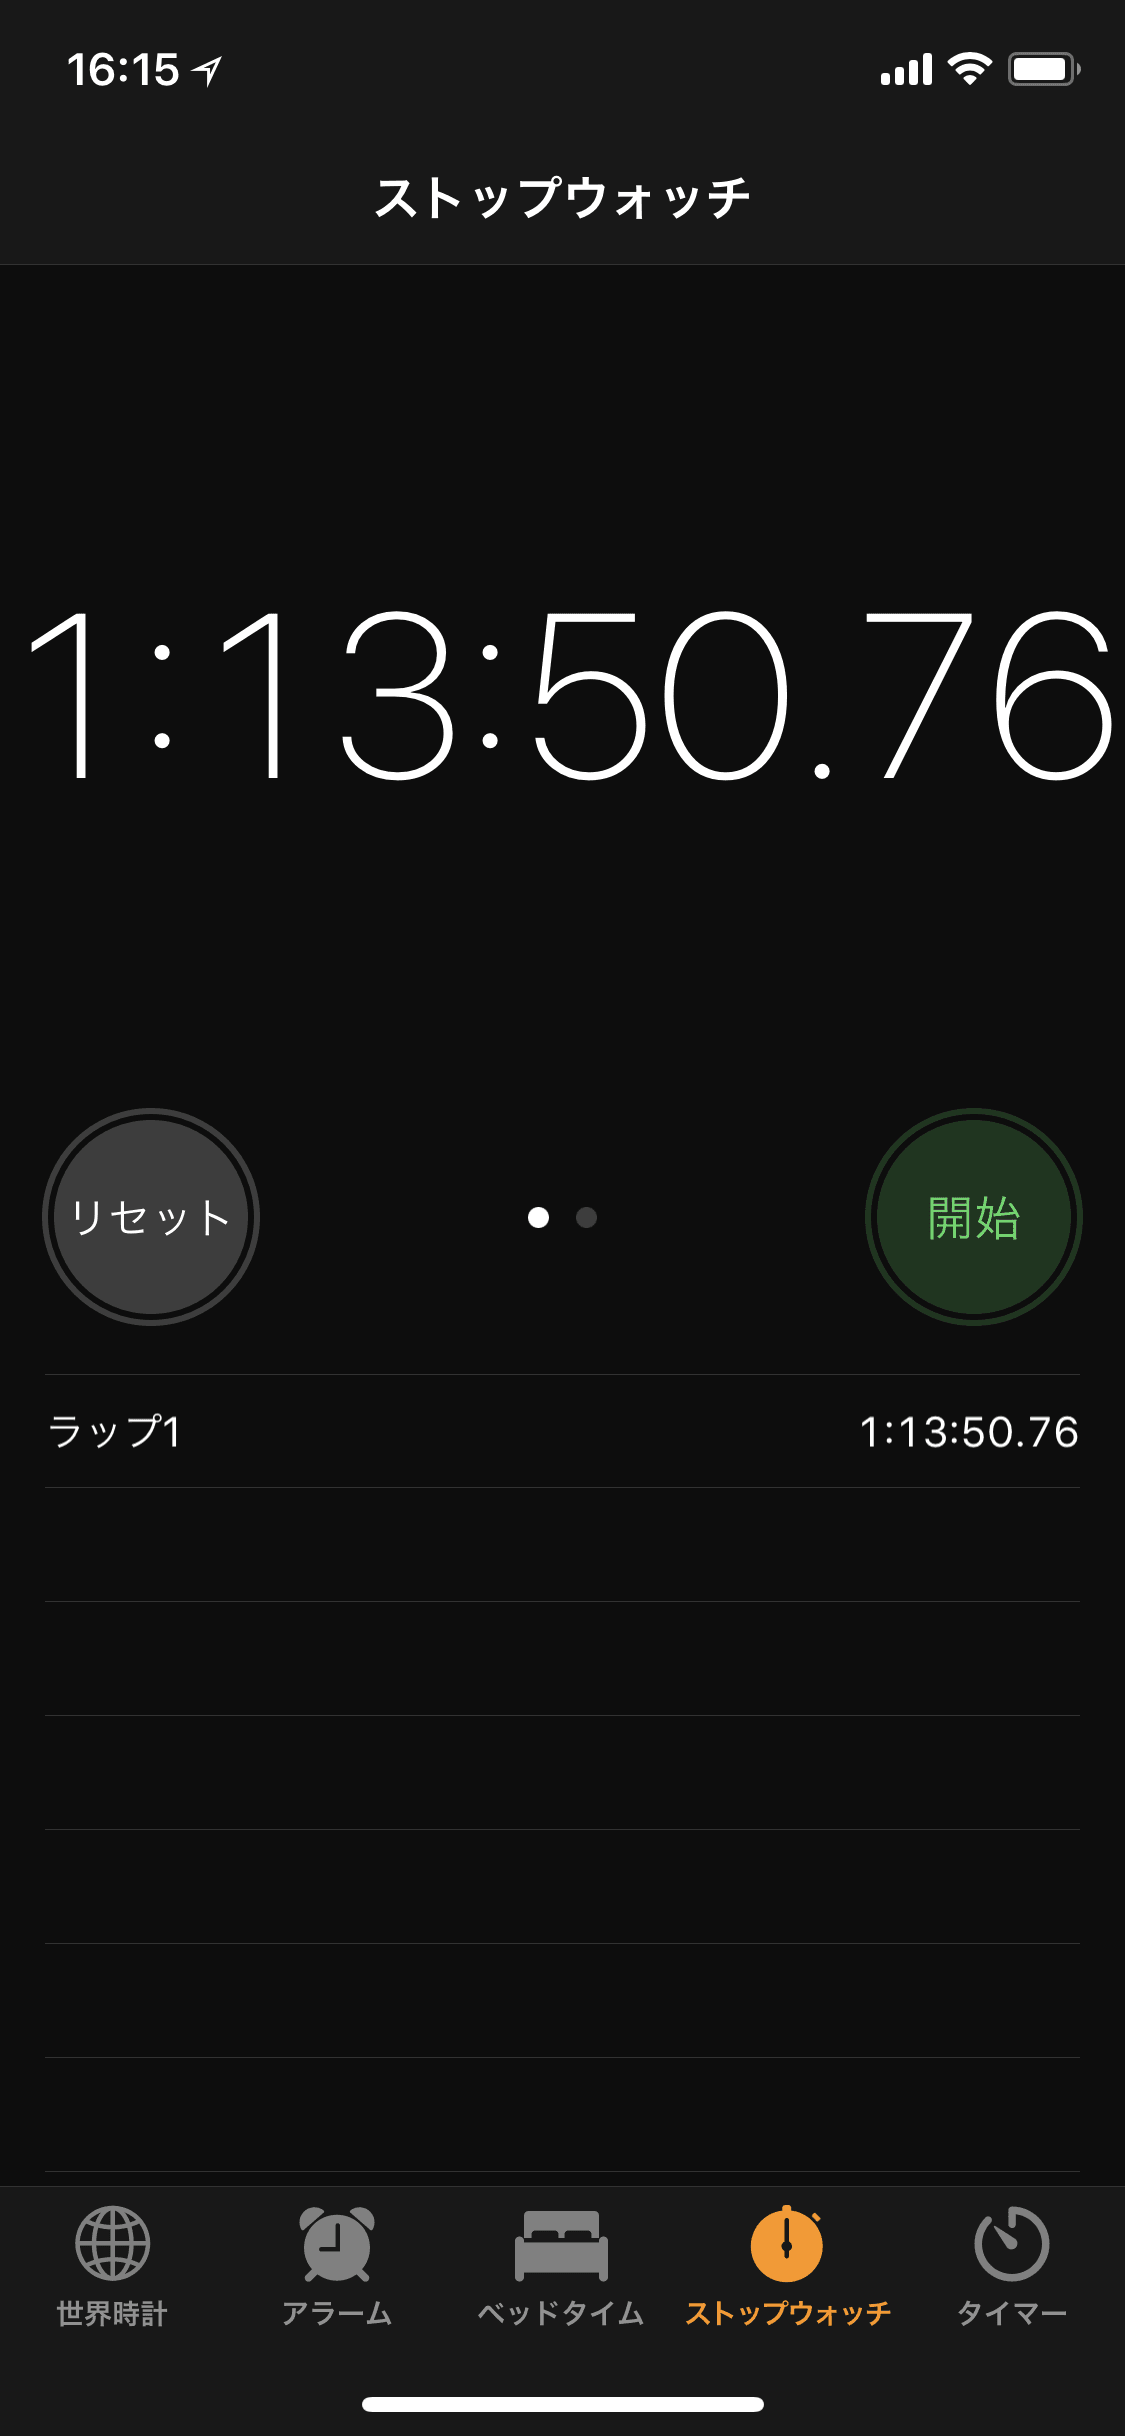 syakyo_elapsed_time_20180105